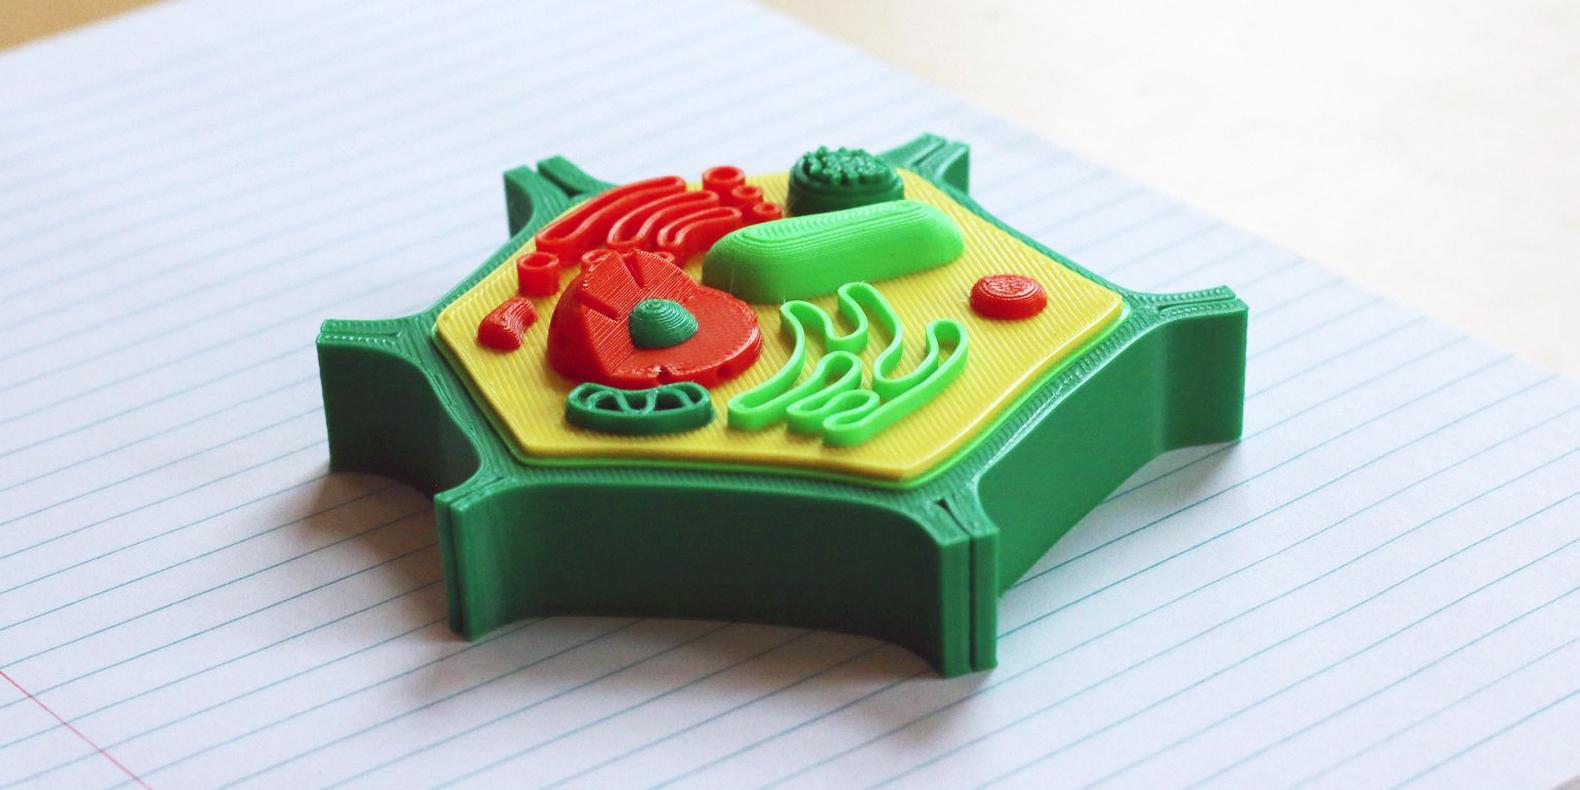 Encuentre aquí una selección de los mejores modelos 3D de biologia para hacer con una impresora 3D